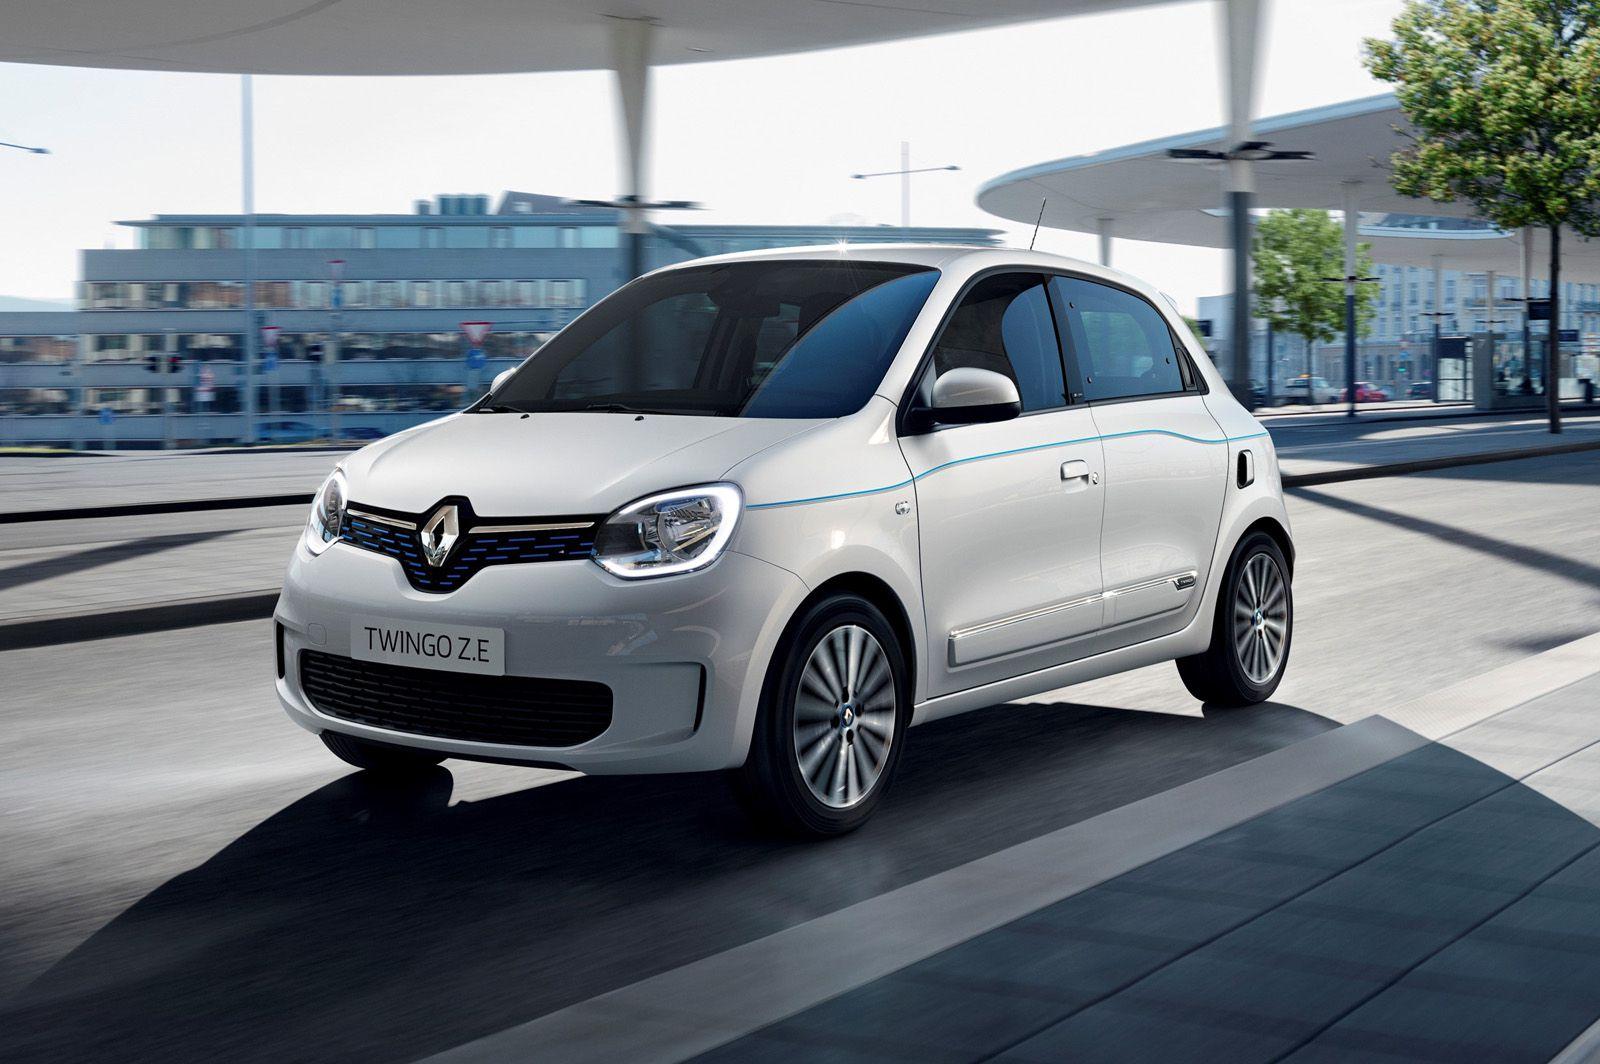 Renault si prepara a dire addio alla Twingo